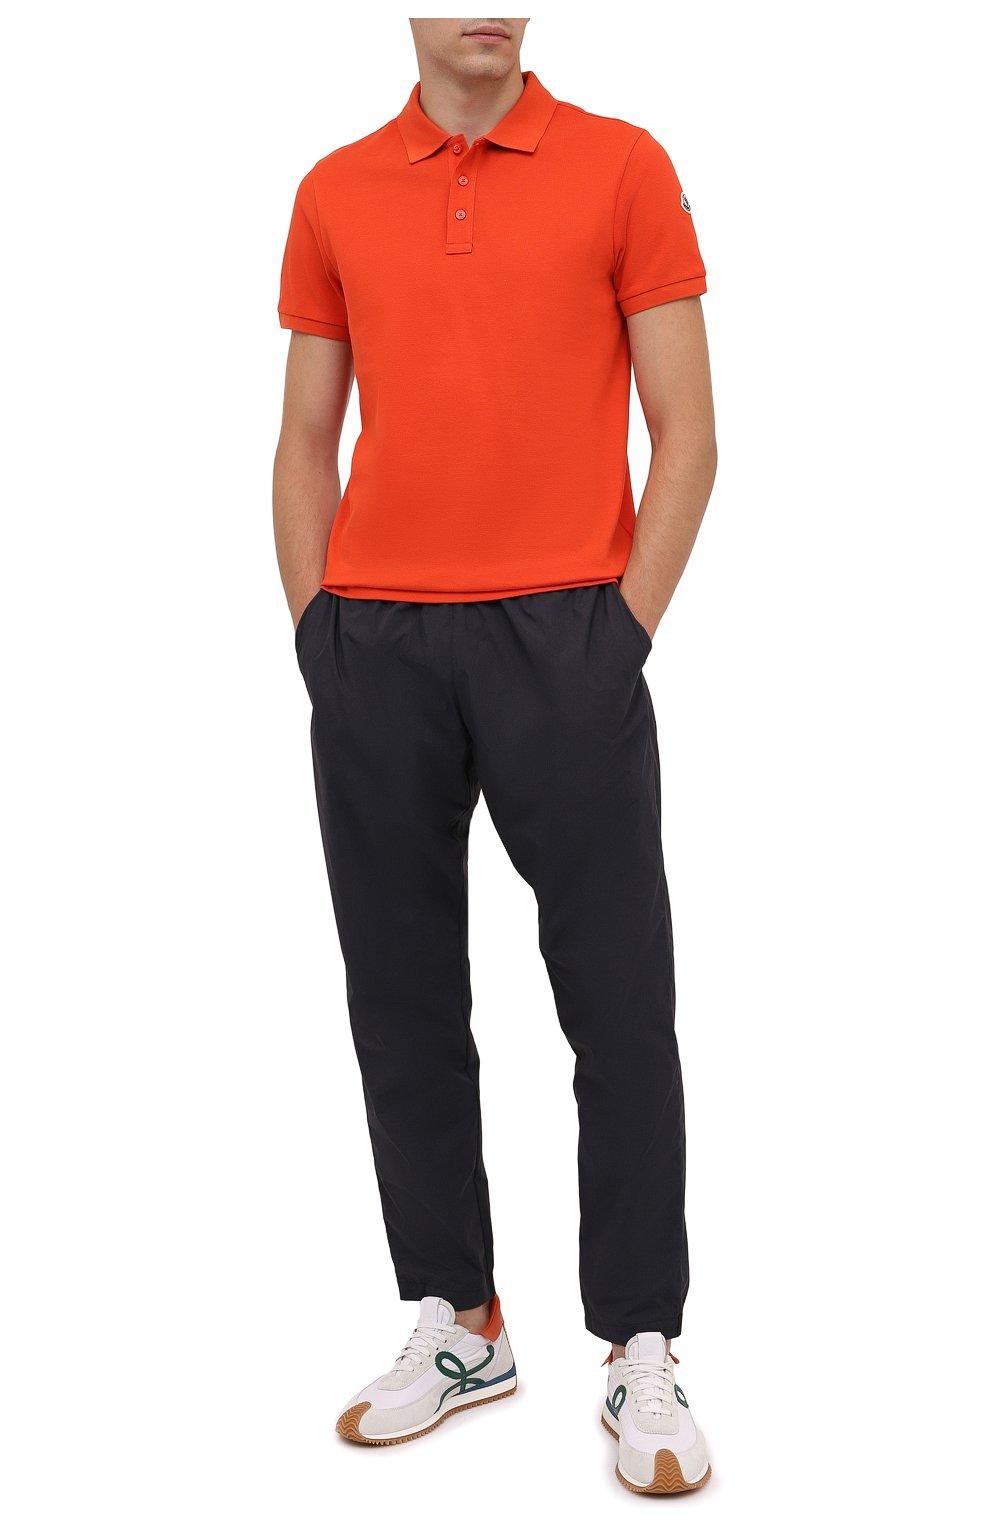 Мужское хлопковое поло MONCLER оранжевого цвета, арт. G2-091-8A705-10-84556 | Фото 2 (Застежка: Пуговицы; Рукава: Короткие; Длина (для топов): Стандартные; Кросс-КТ: Трикотаж; Материал внешний: Хлопок; Стили: Кэжуэл)